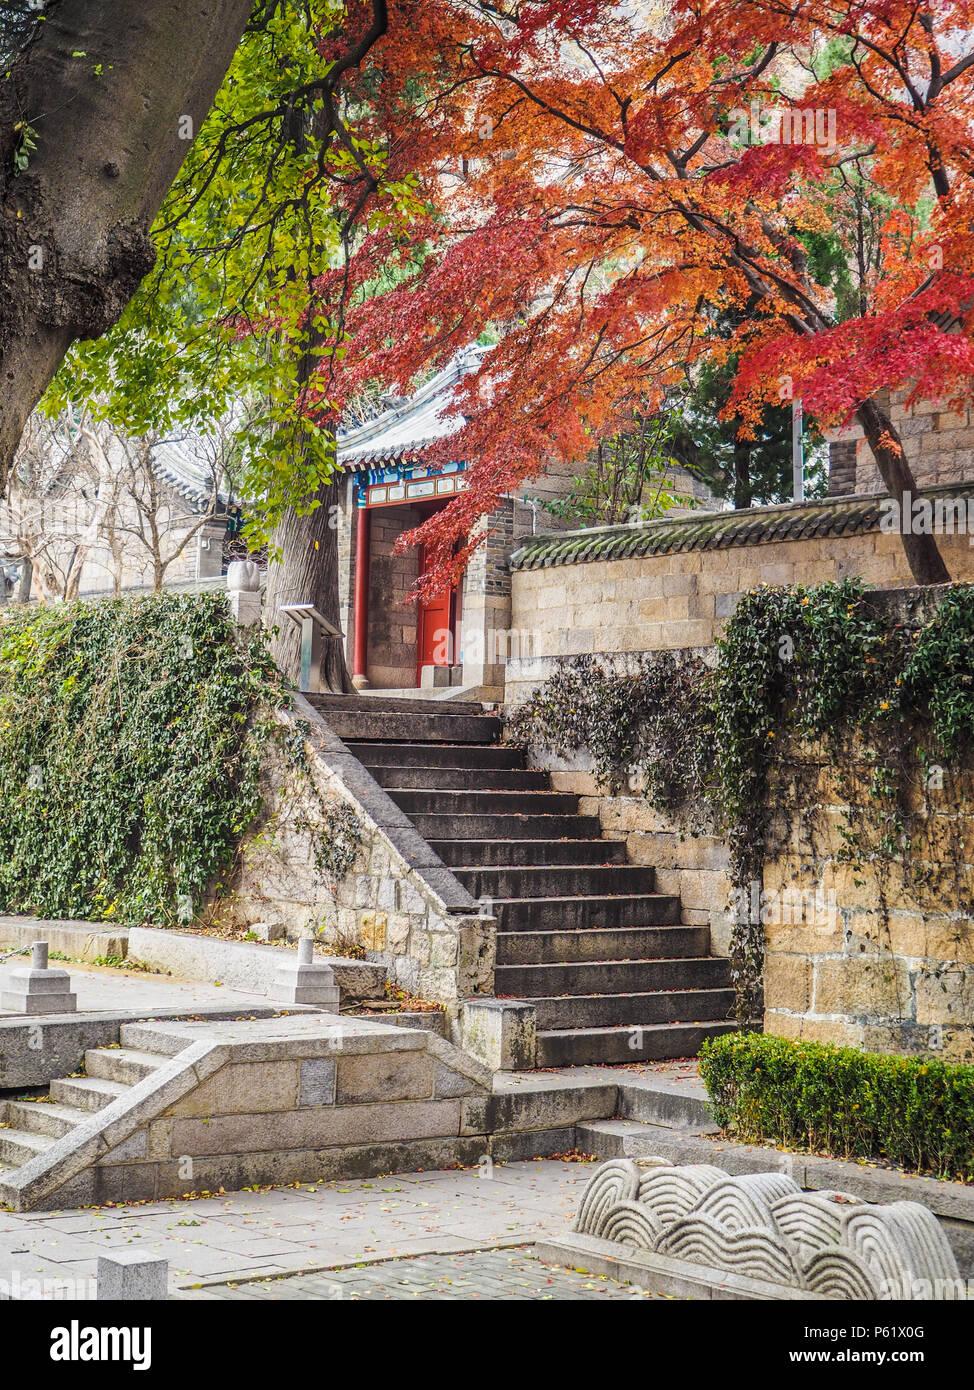 Cortile principale della Taiqing gong o tempio di purezza suprema sulla montagna Lau durante l'autunno Immagini Stock